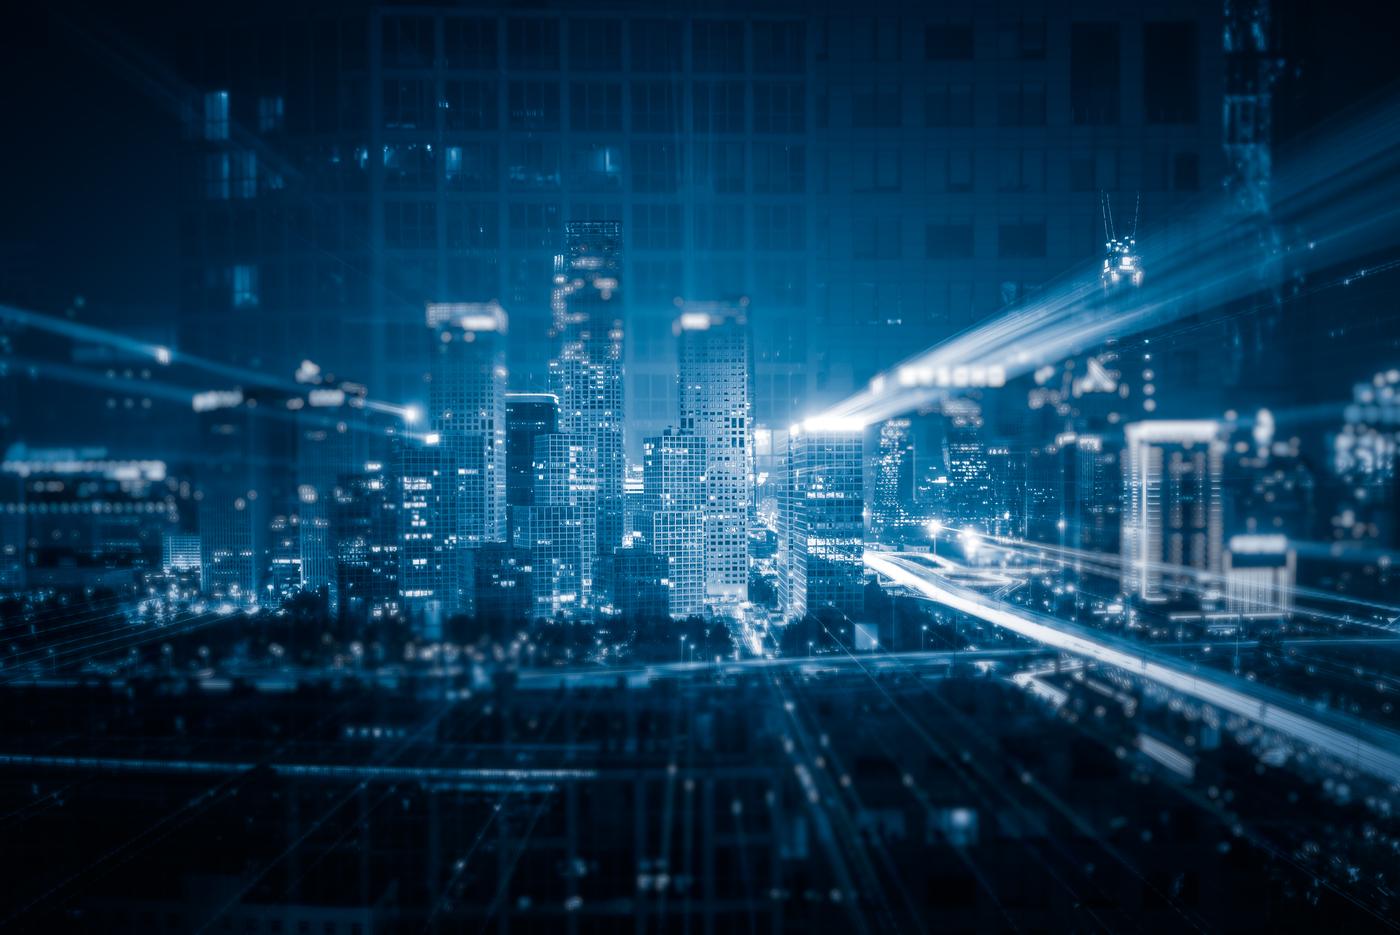 El futuro de las <br><b>ciudades inteligentes</b> <br>depende de la ciberseguridad.